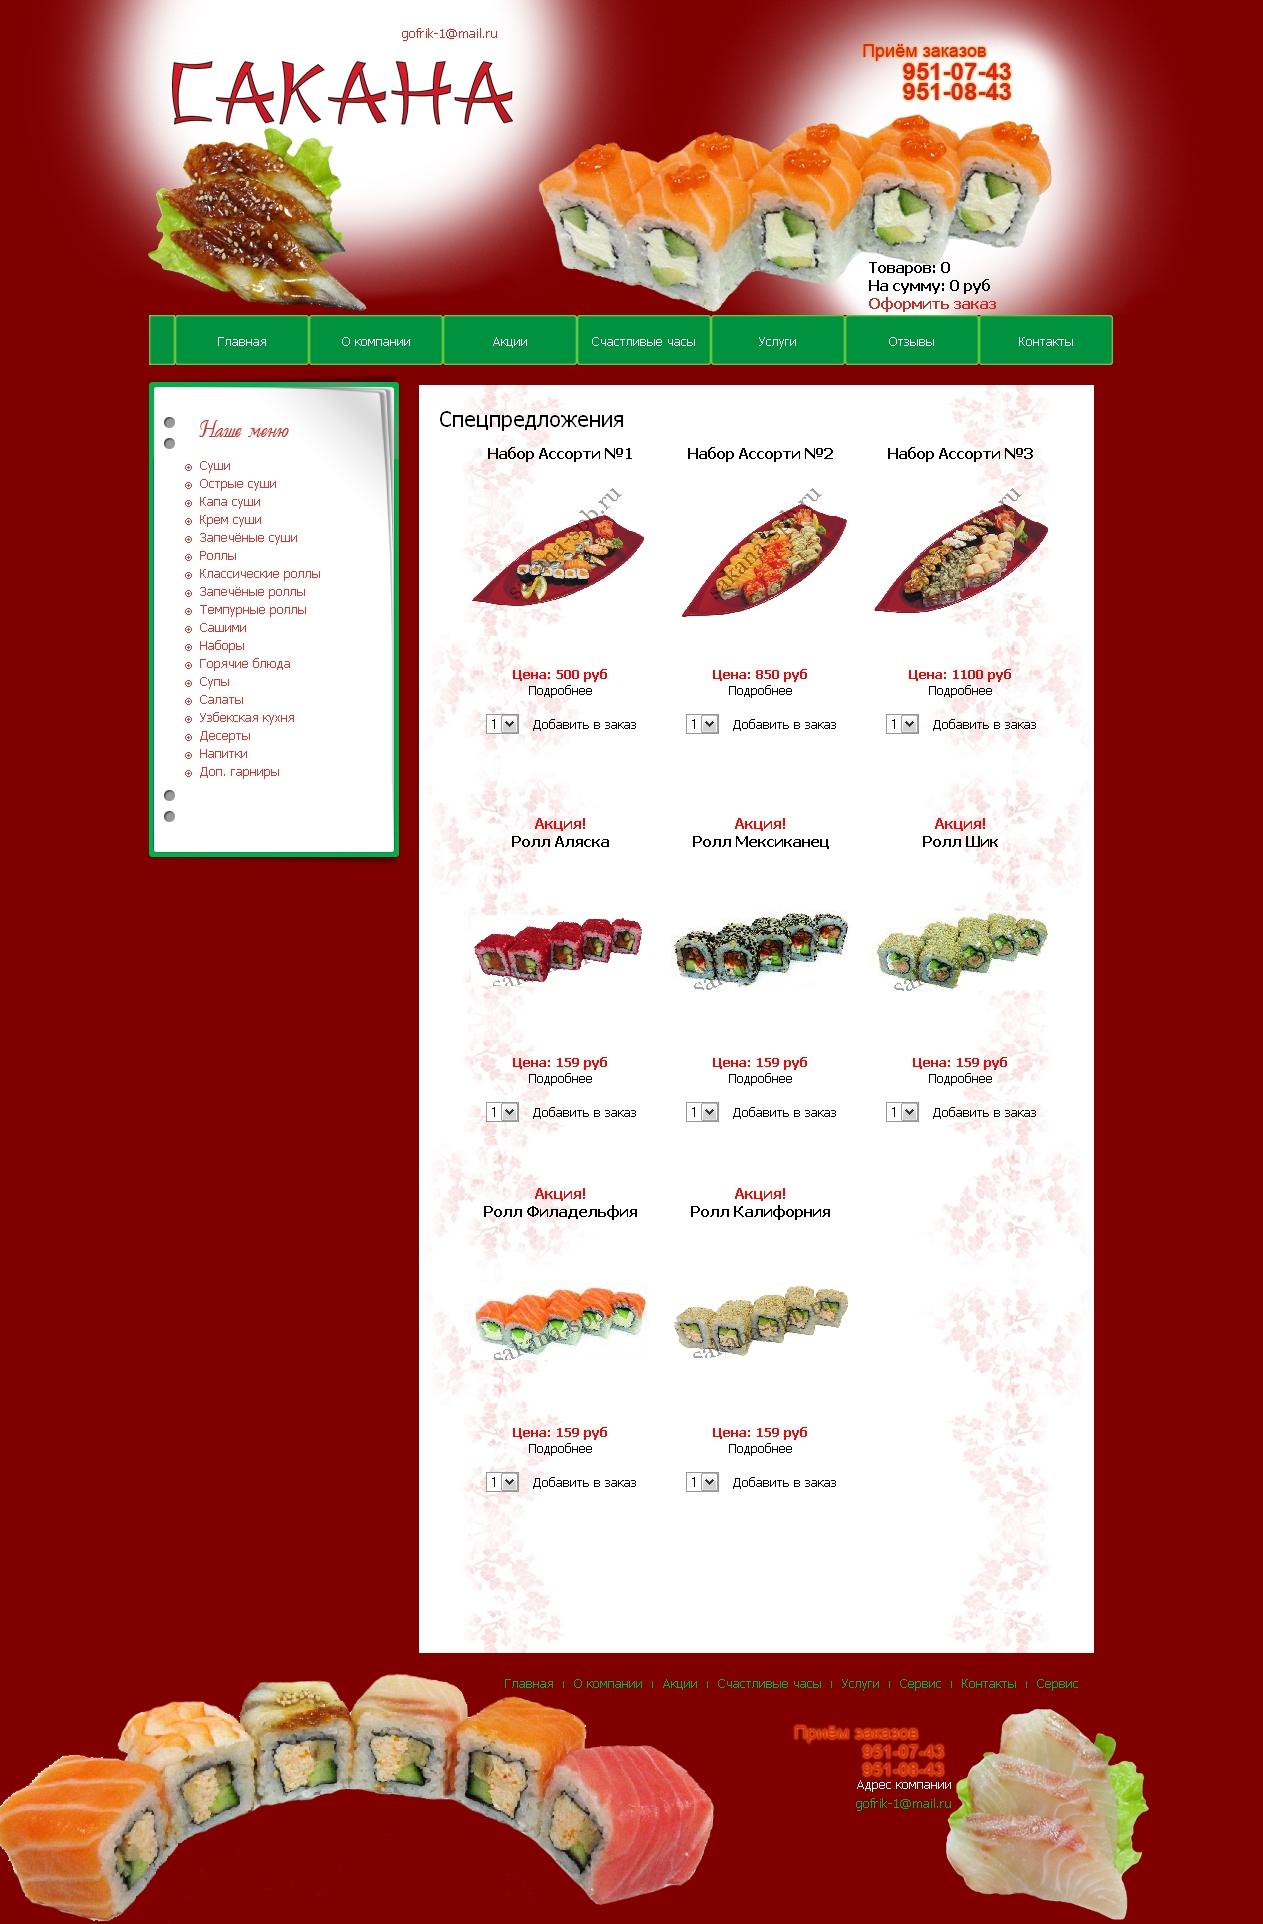 <p>Создавая сайт доставки суши «Сакана», наши веб мастера старались разработать интернет ресурс удобный и привлекательный для любителей японской кухни.</p>